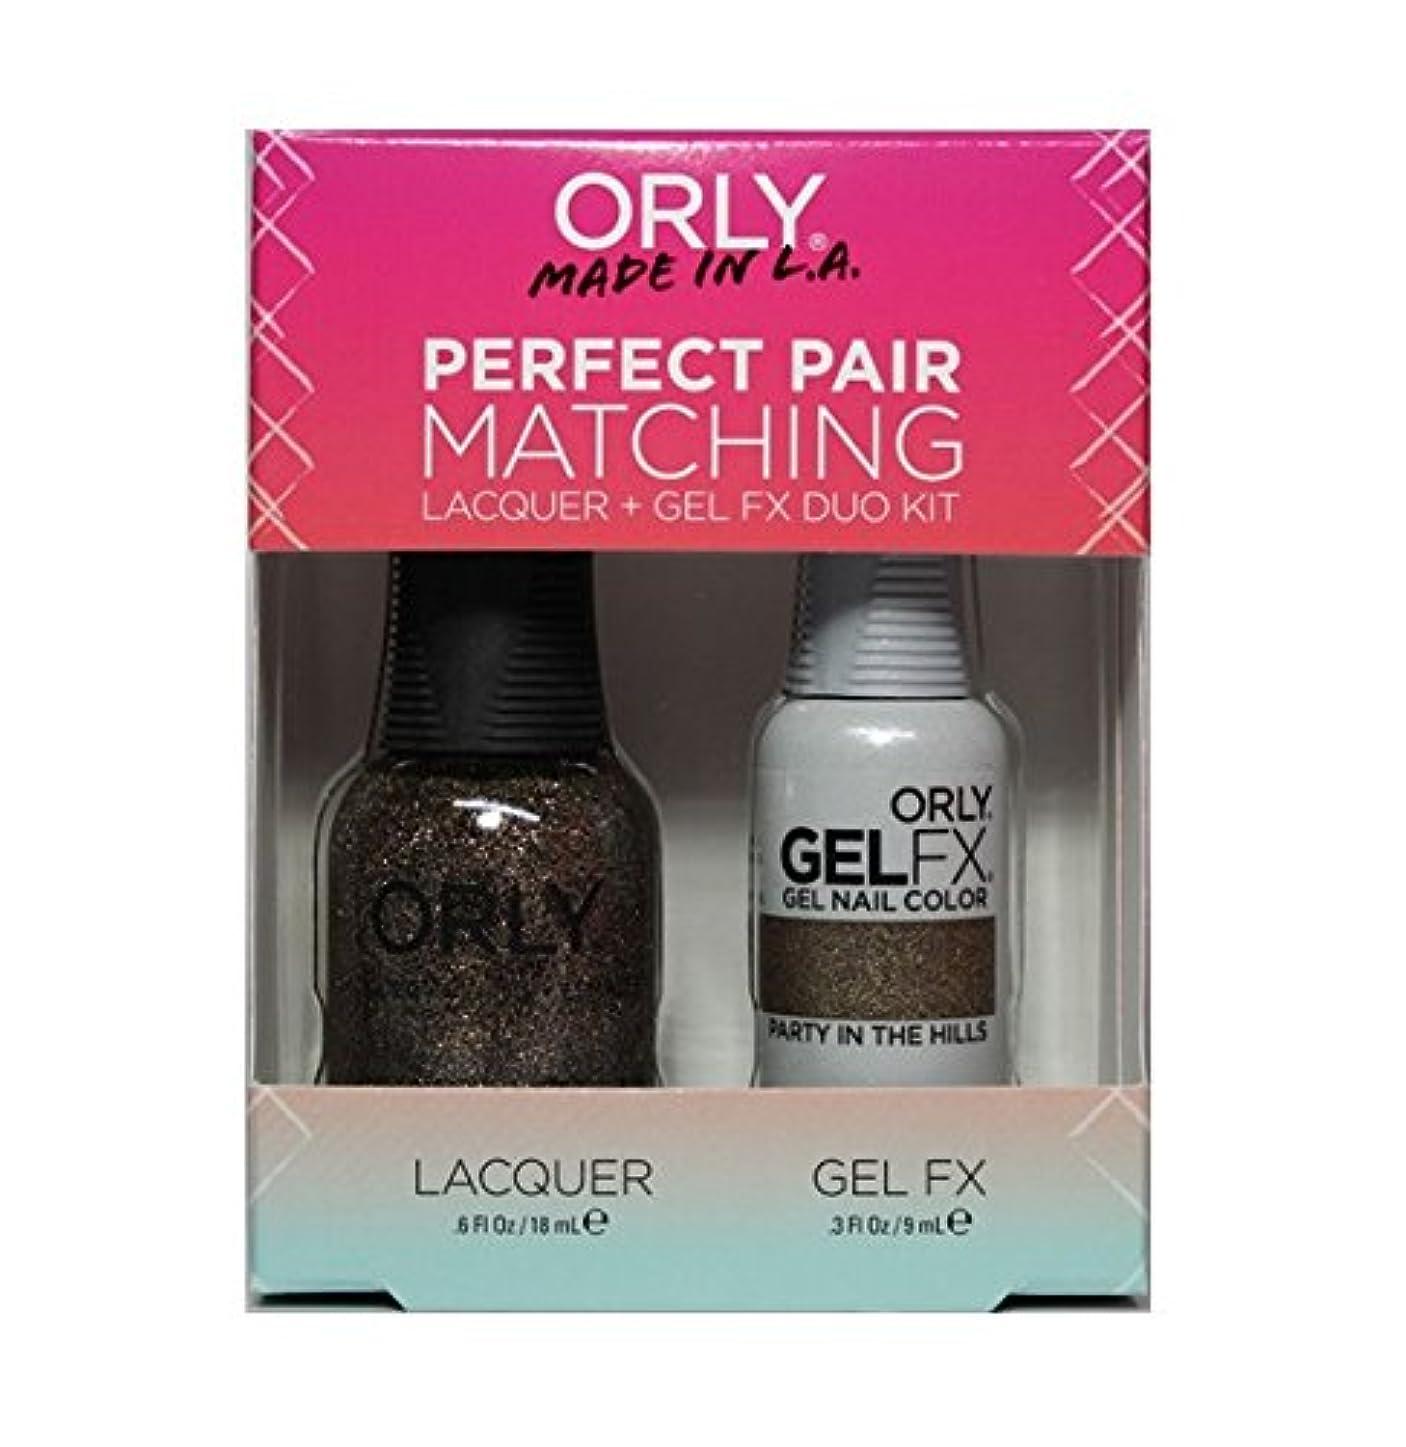 単調な悩むタイピストOrly - Perfect Pair Matching Lacquer+Gel FX Kit - Party In The Hills - 0.6 oz / 0.3 oz